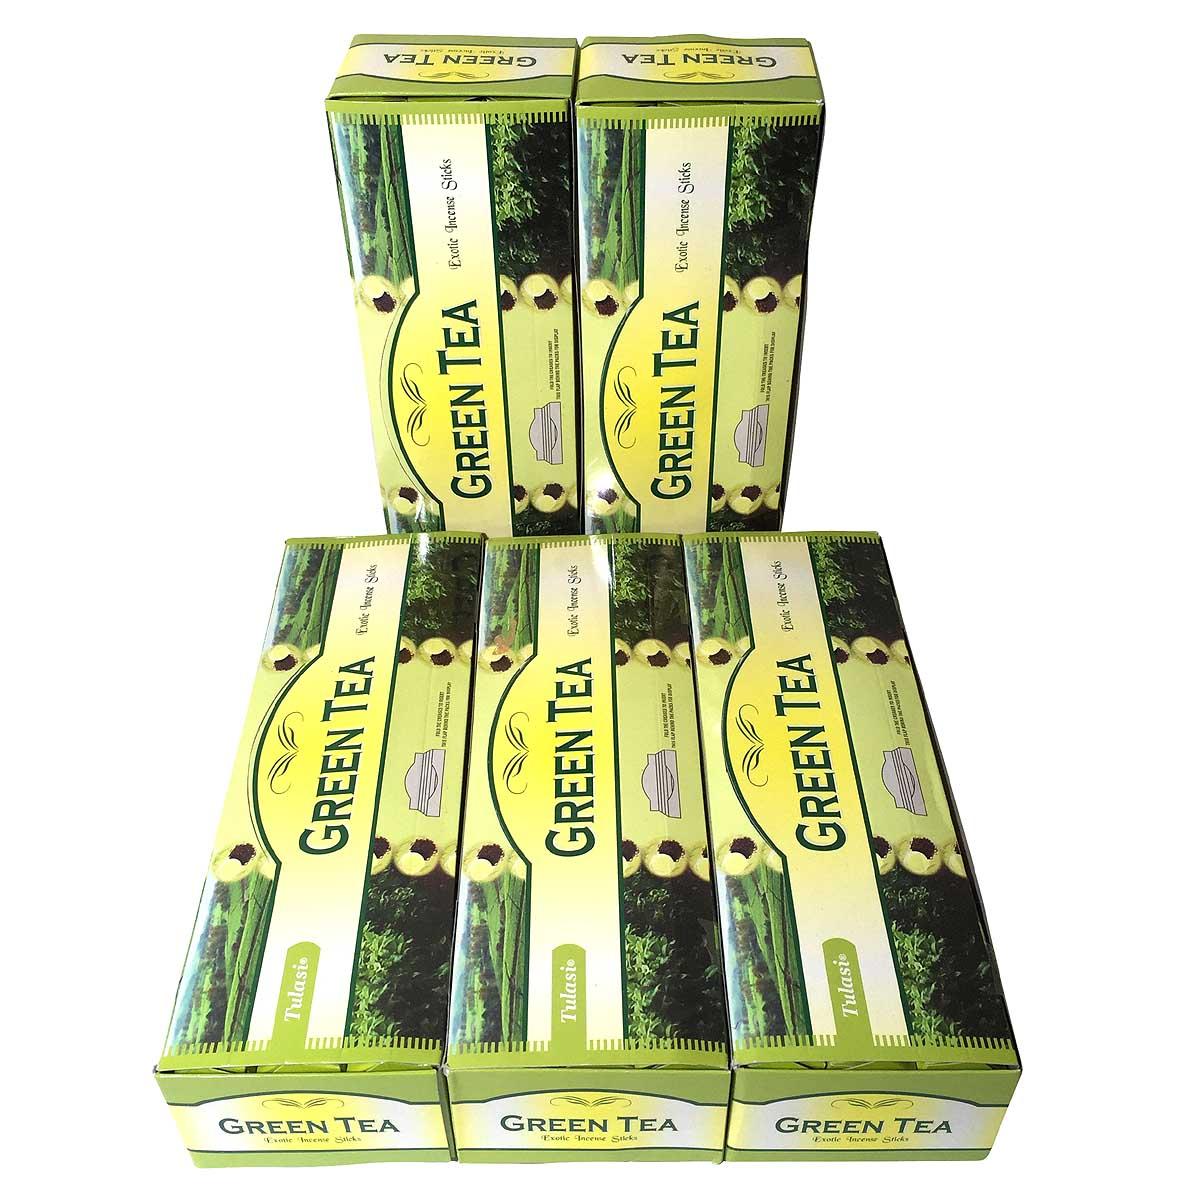 お香 70%OFFアウトレット 卸おまとめプライス インド香 グリーンティー香 スティック 卸おまとめプライス5BOX 買物 TEA 送料無料 TULASI GREEN 30箱